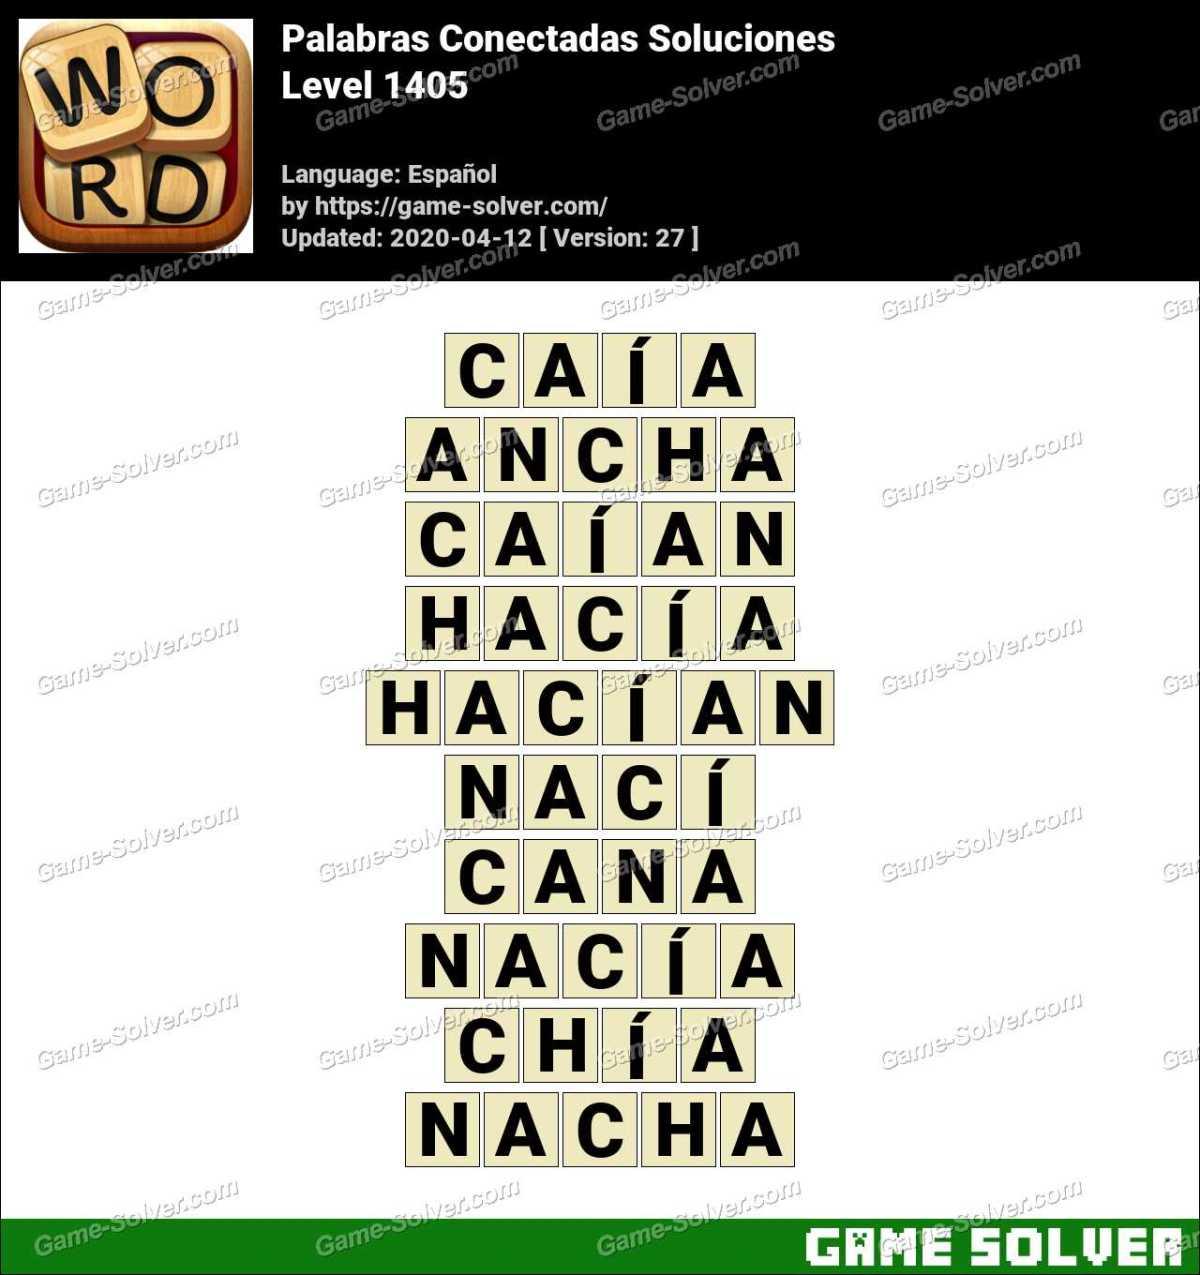 Palabras Conectadas Nivel 1405 Soluciones